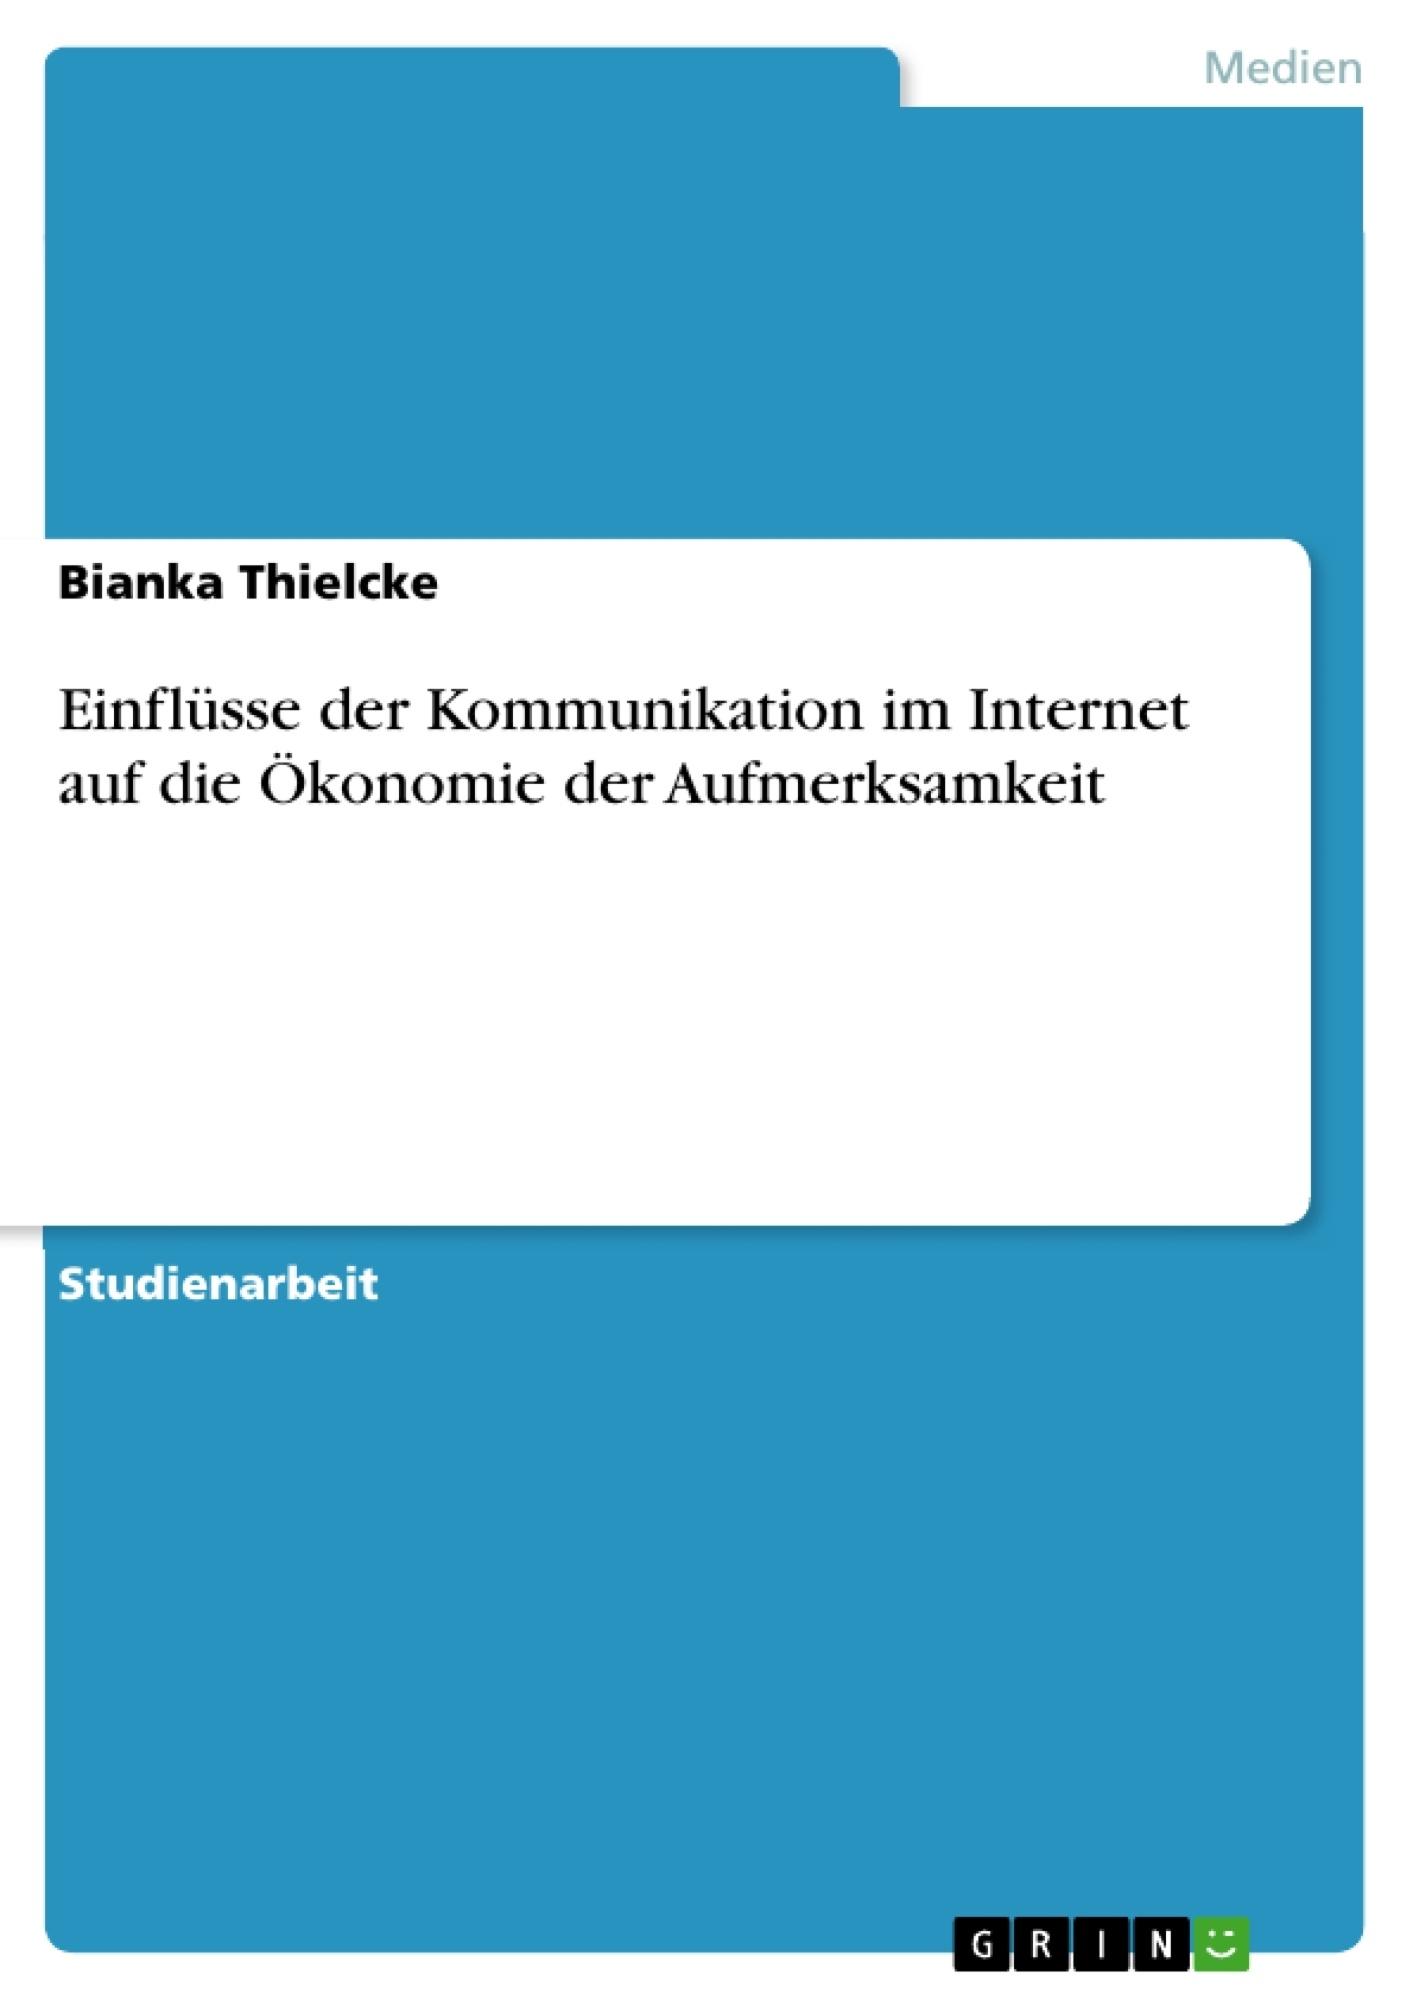 Titel: Einflüsse der Kommunikation im Internet auf die Ökonomie der Aufmerksamkeit